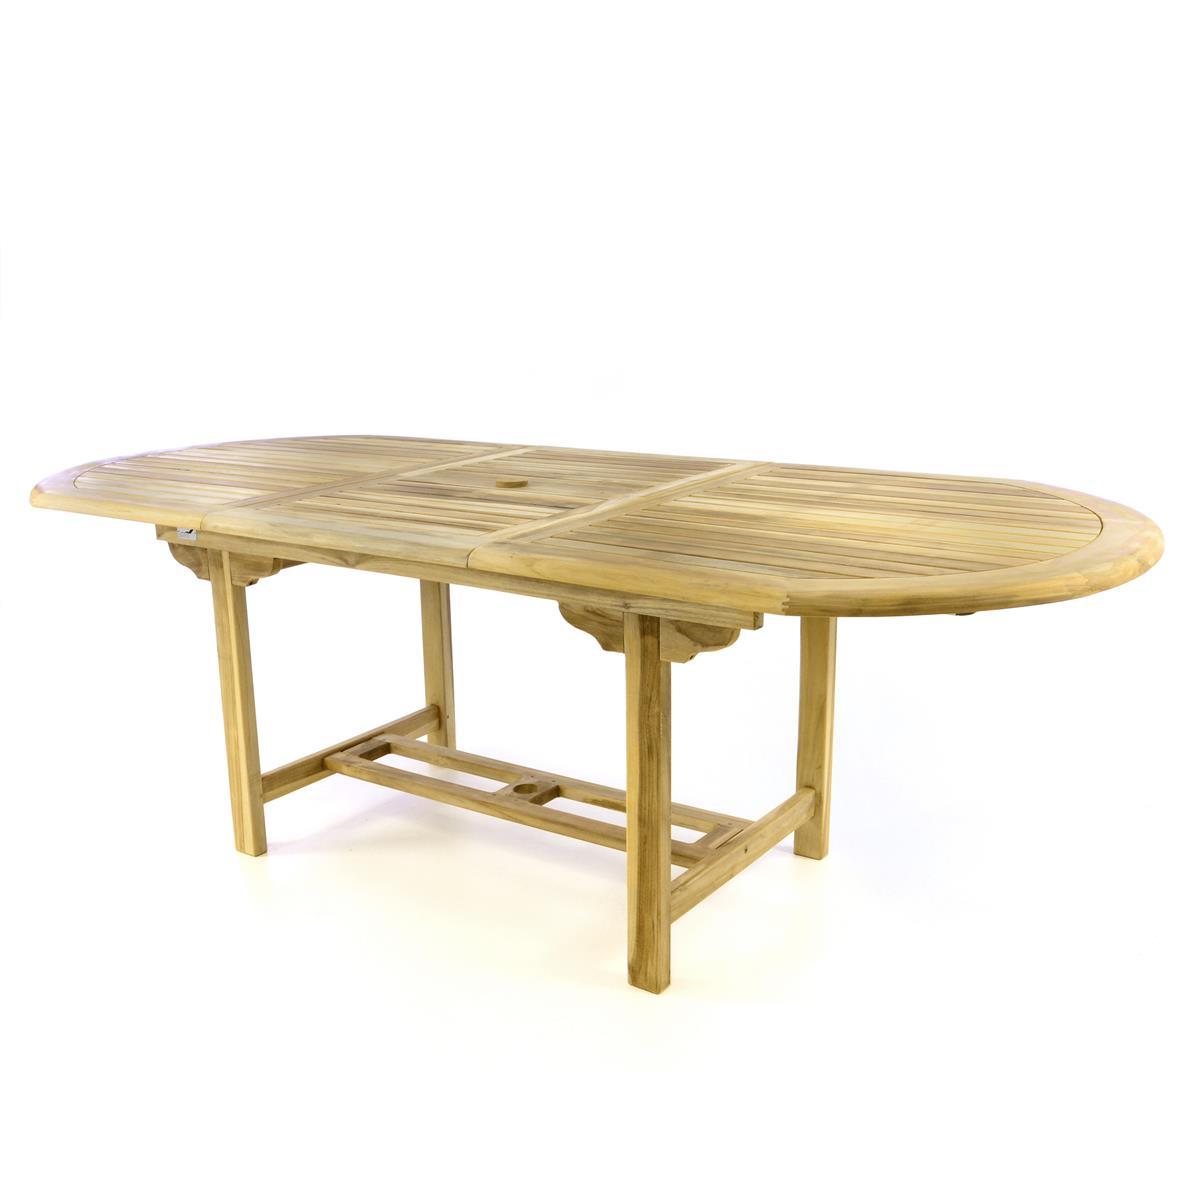 DIVERO Balkontisch Terrasse Tisch Esstisch ausziehbar 230cm Teak Holz natur